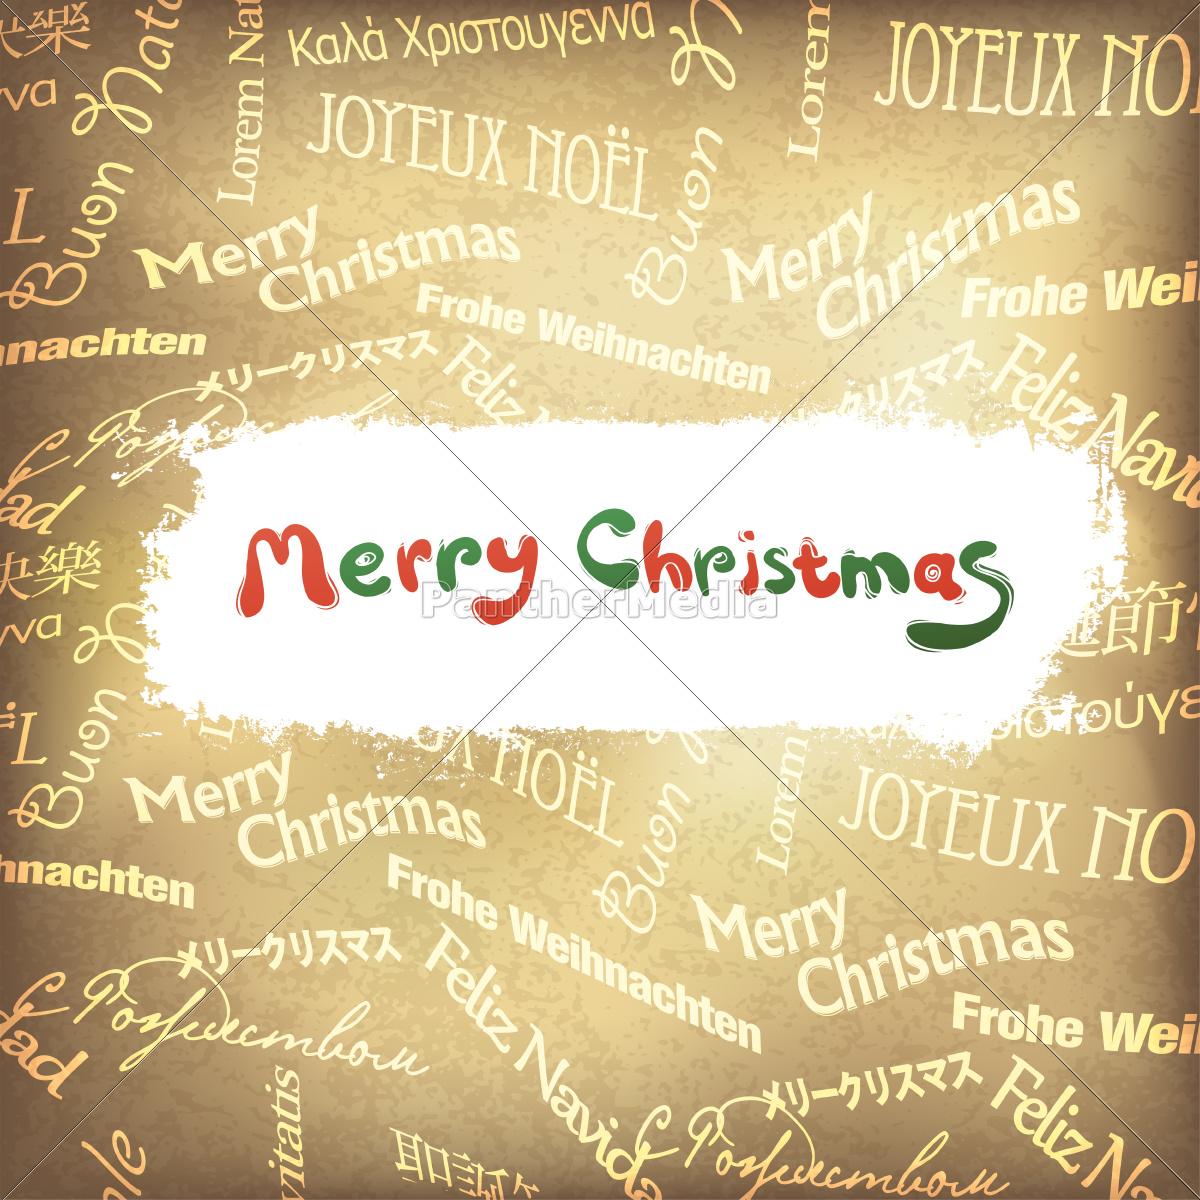 Weihnachtsgrüße In Verschiedenen Sprachen.Lizenzfreies Foto 9443592 Retro Weihnachtsgrüße In Verschiedenen Sprachen Vektor Eps10